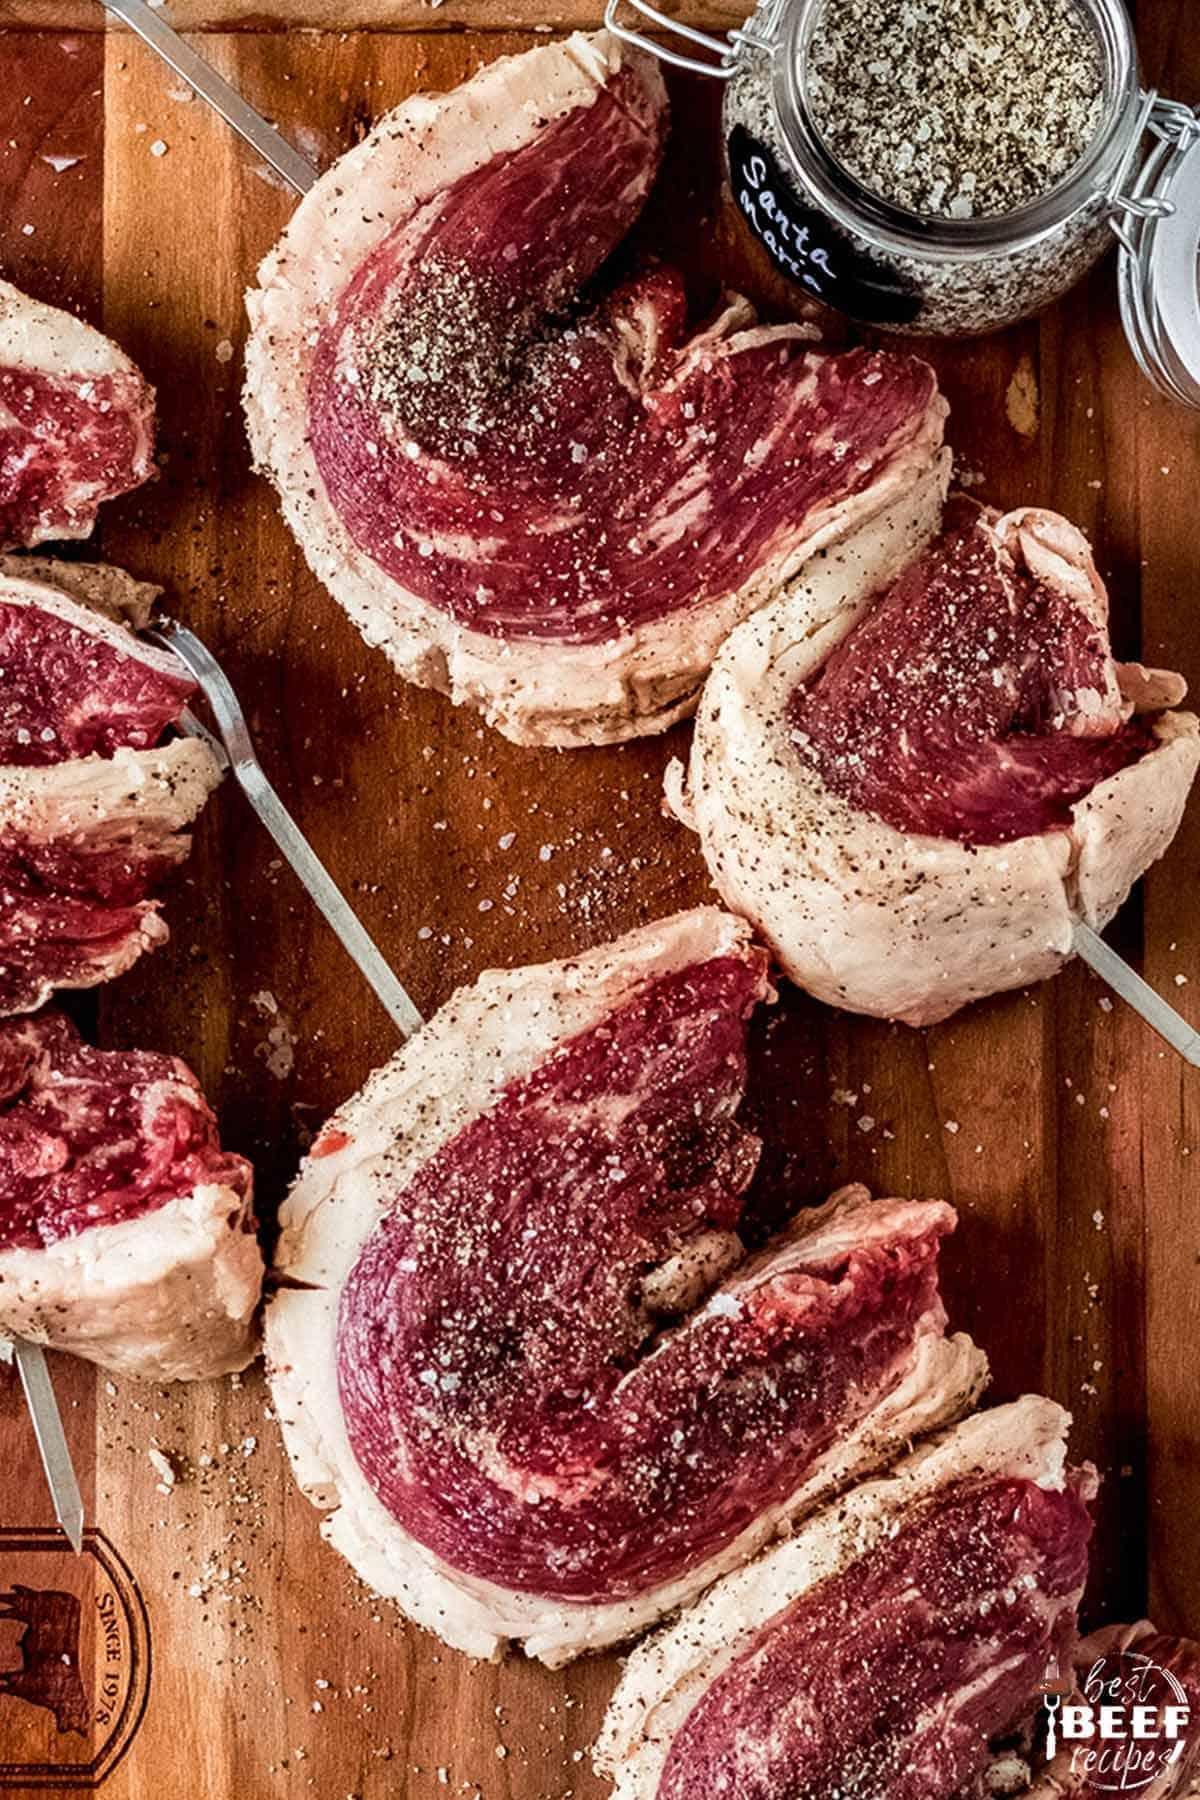 Raw picanha steaks after skewering